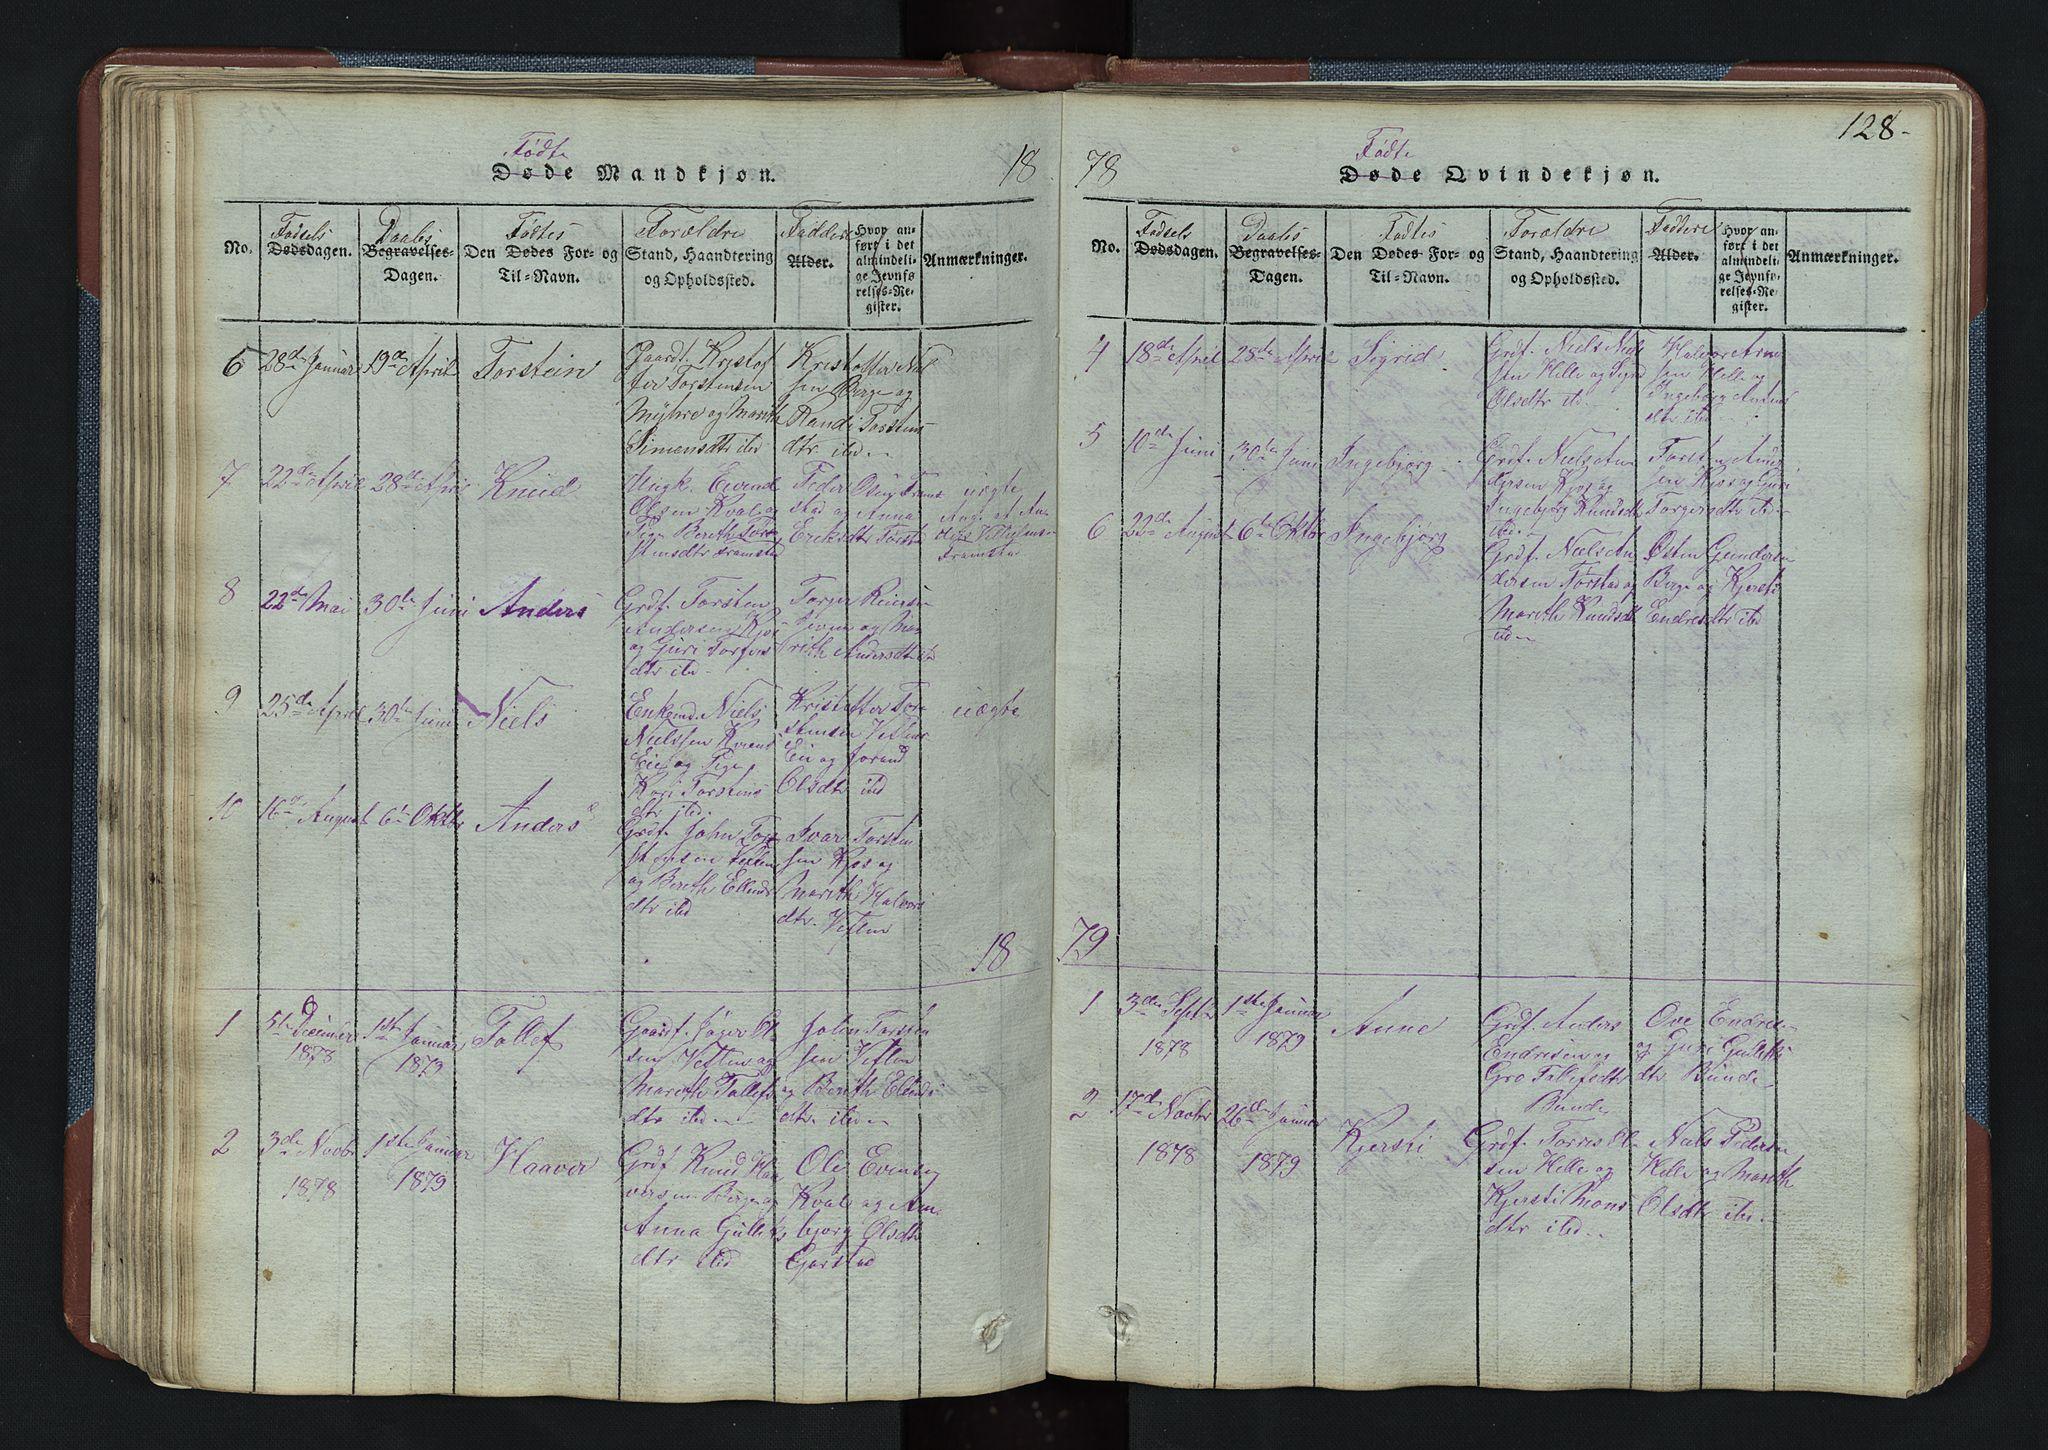 SAH, Vang prestekontor, Valdres, Klokkerbok nr. 3, 1814-1892, s. 128